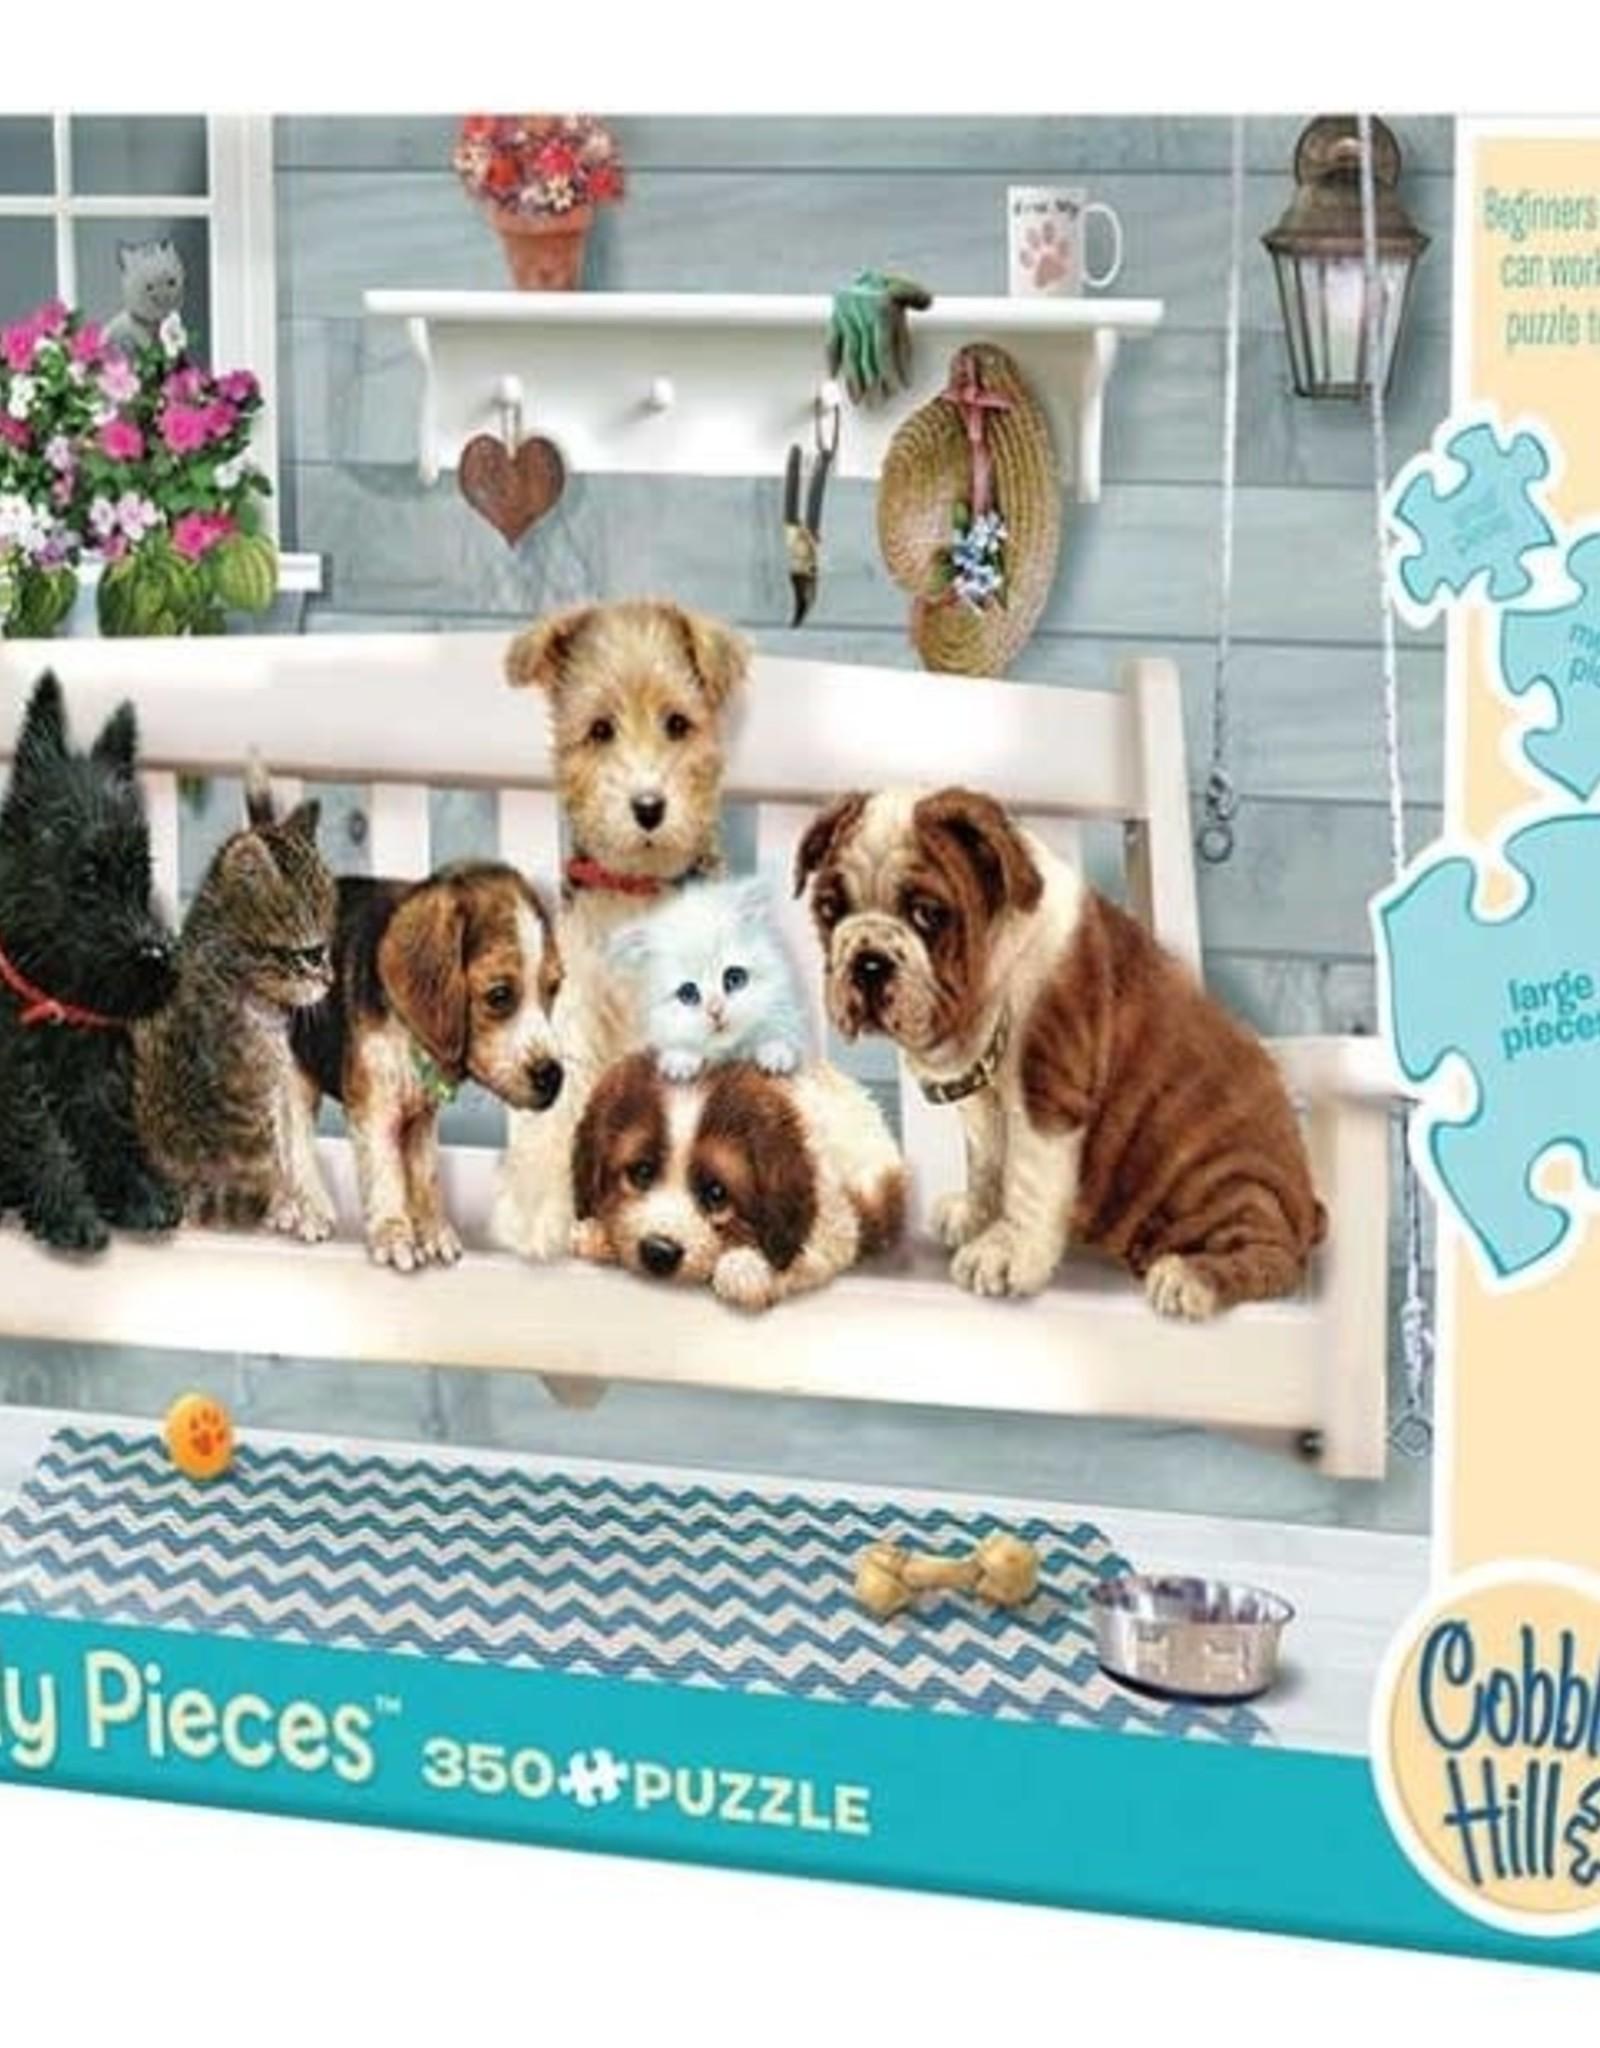 Cobble Hill Puzzles Porch Pals 350 piece puzzle - Family